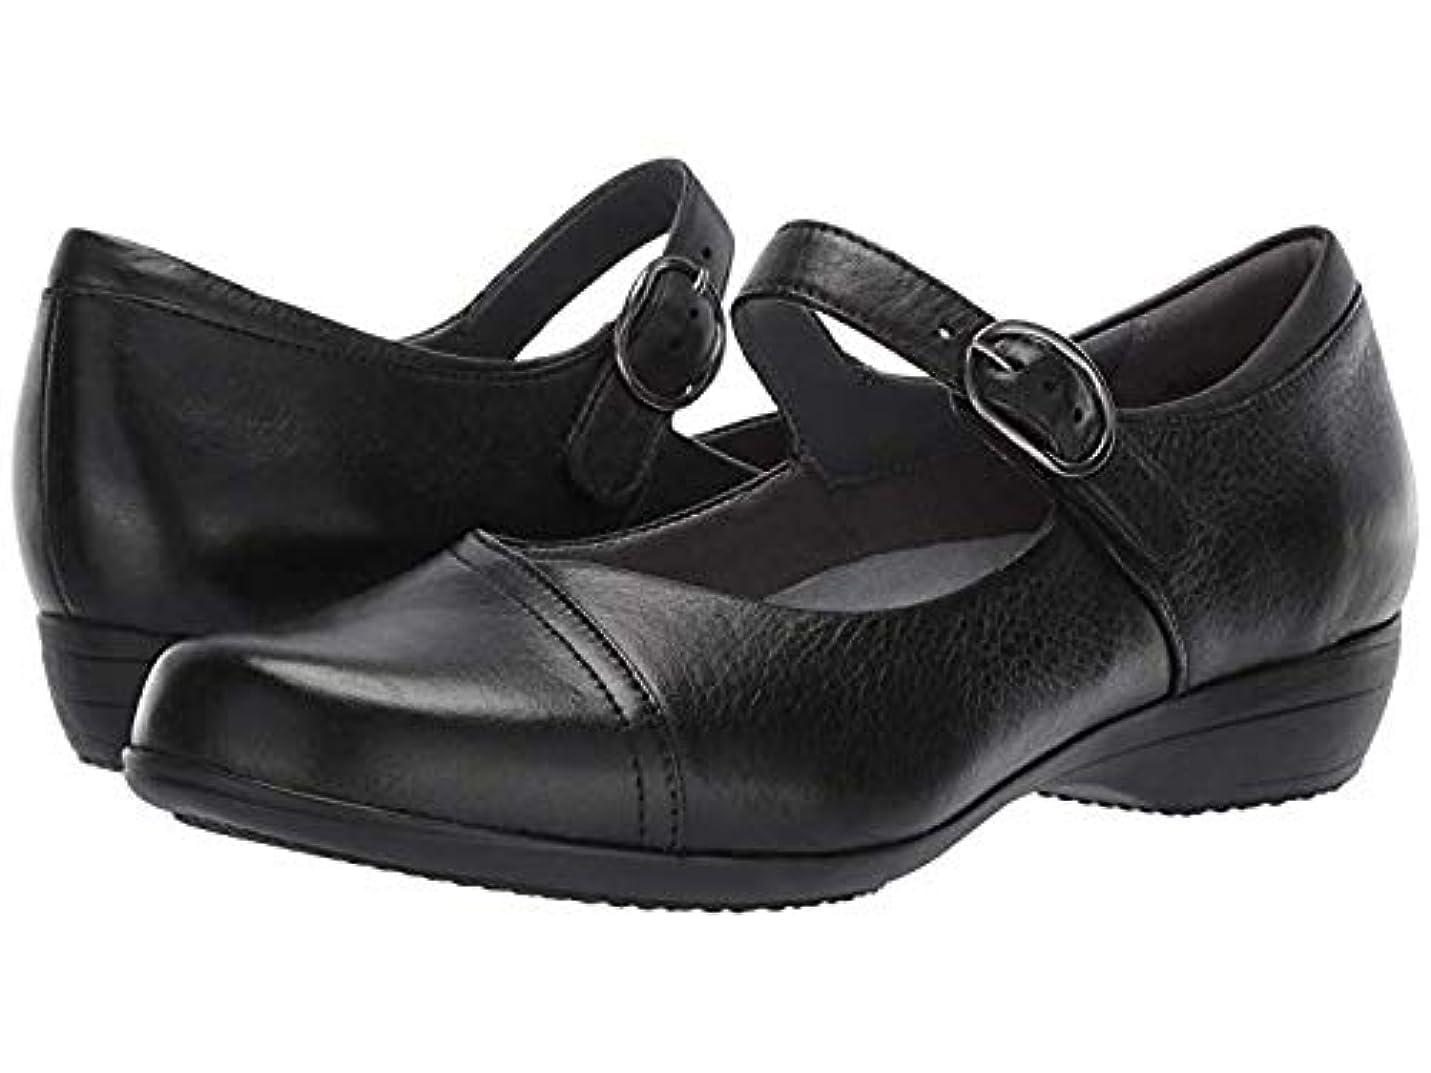 代わりの許容できる落胆するレディースローファー?靴 Fawna Black Milled Nappa (24-24.5cm) Regular [並行輸入品]